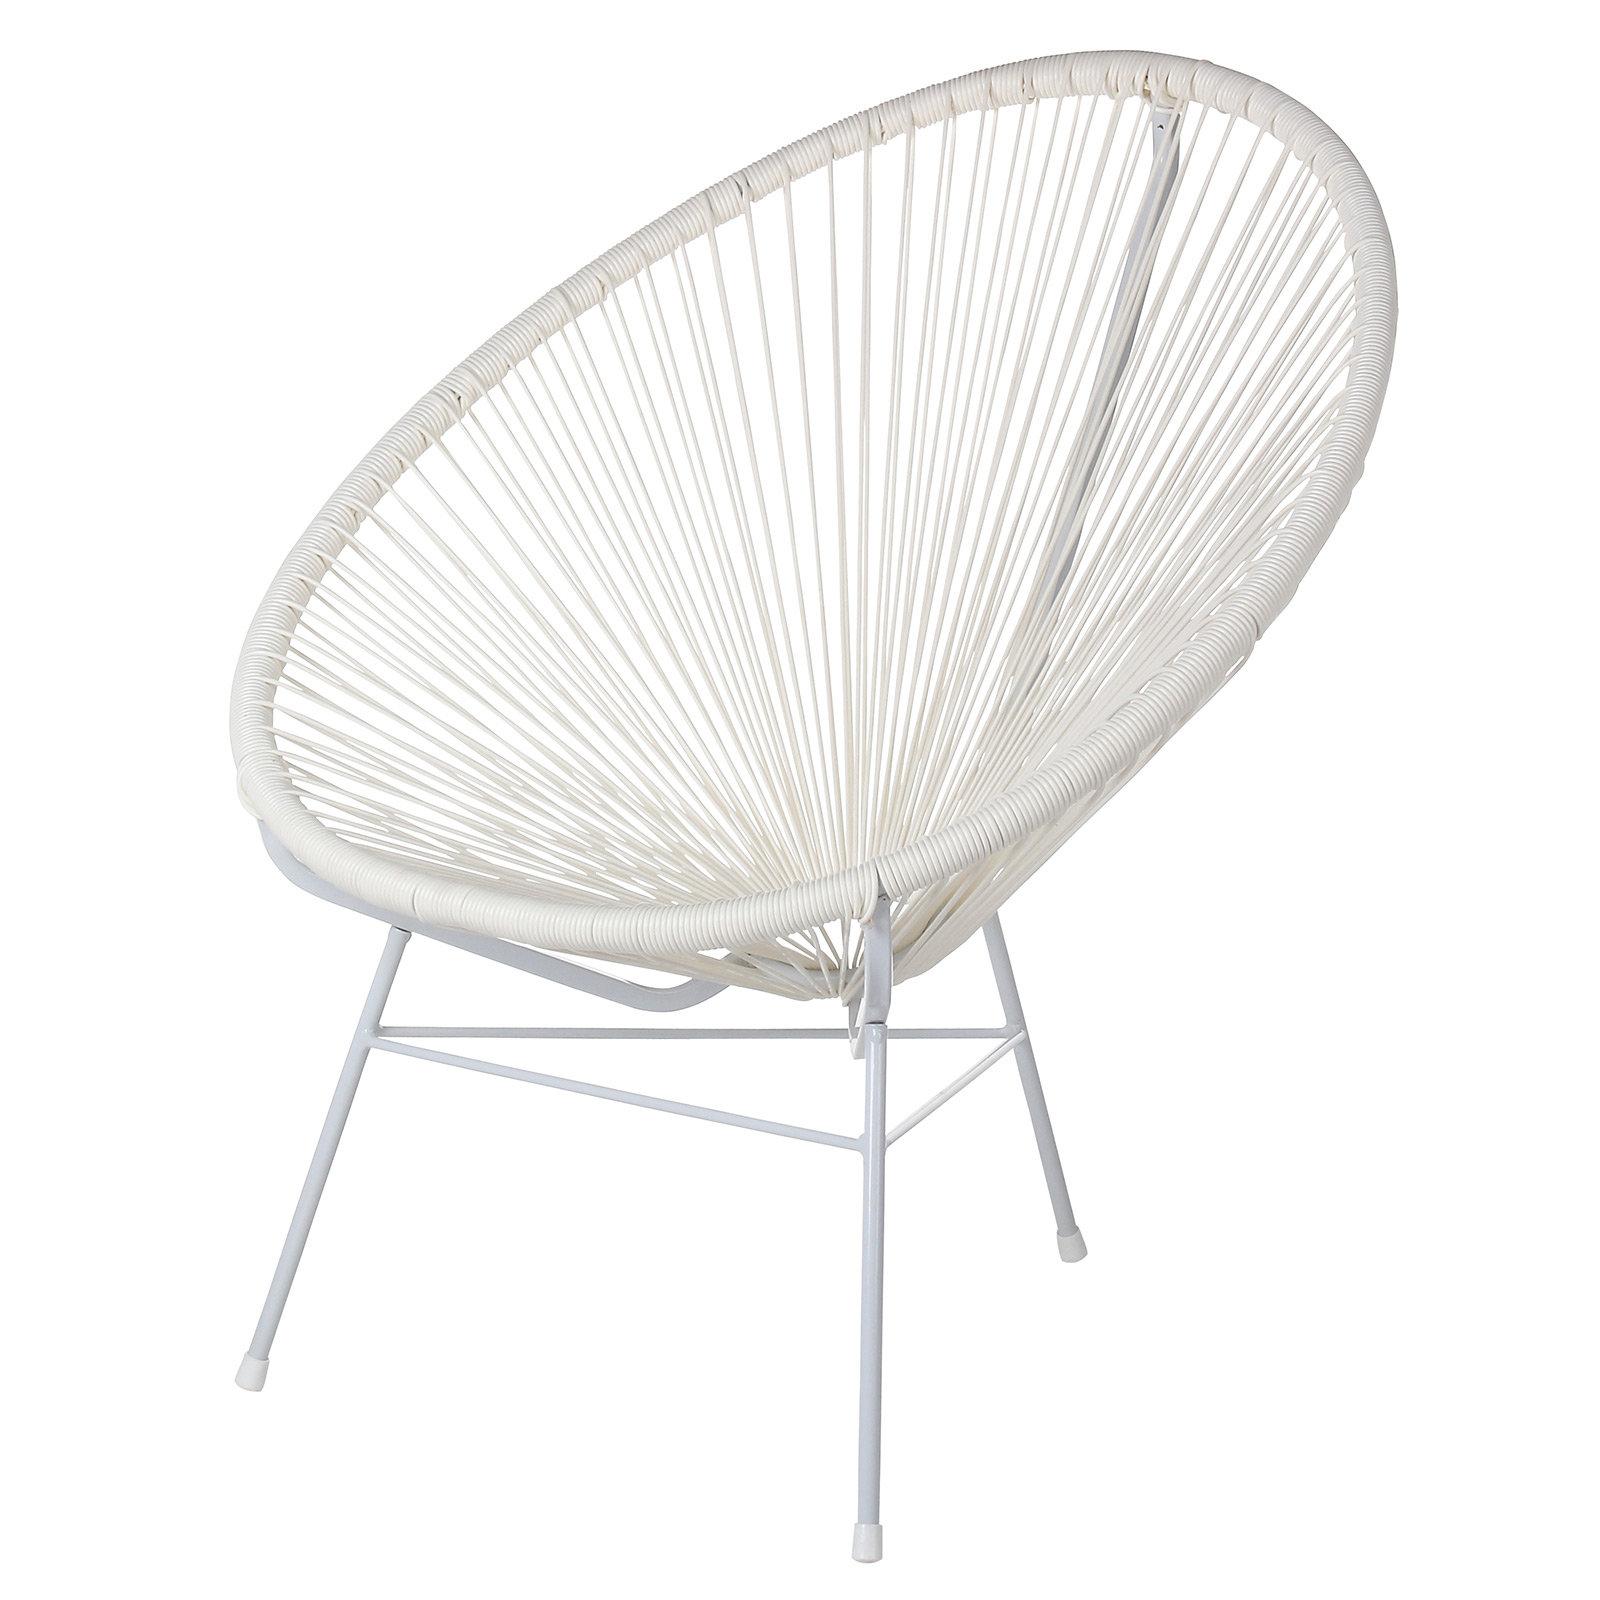 Merveilleux Joseph Allen Acapulco Basket Lounge Chair | Wayfair